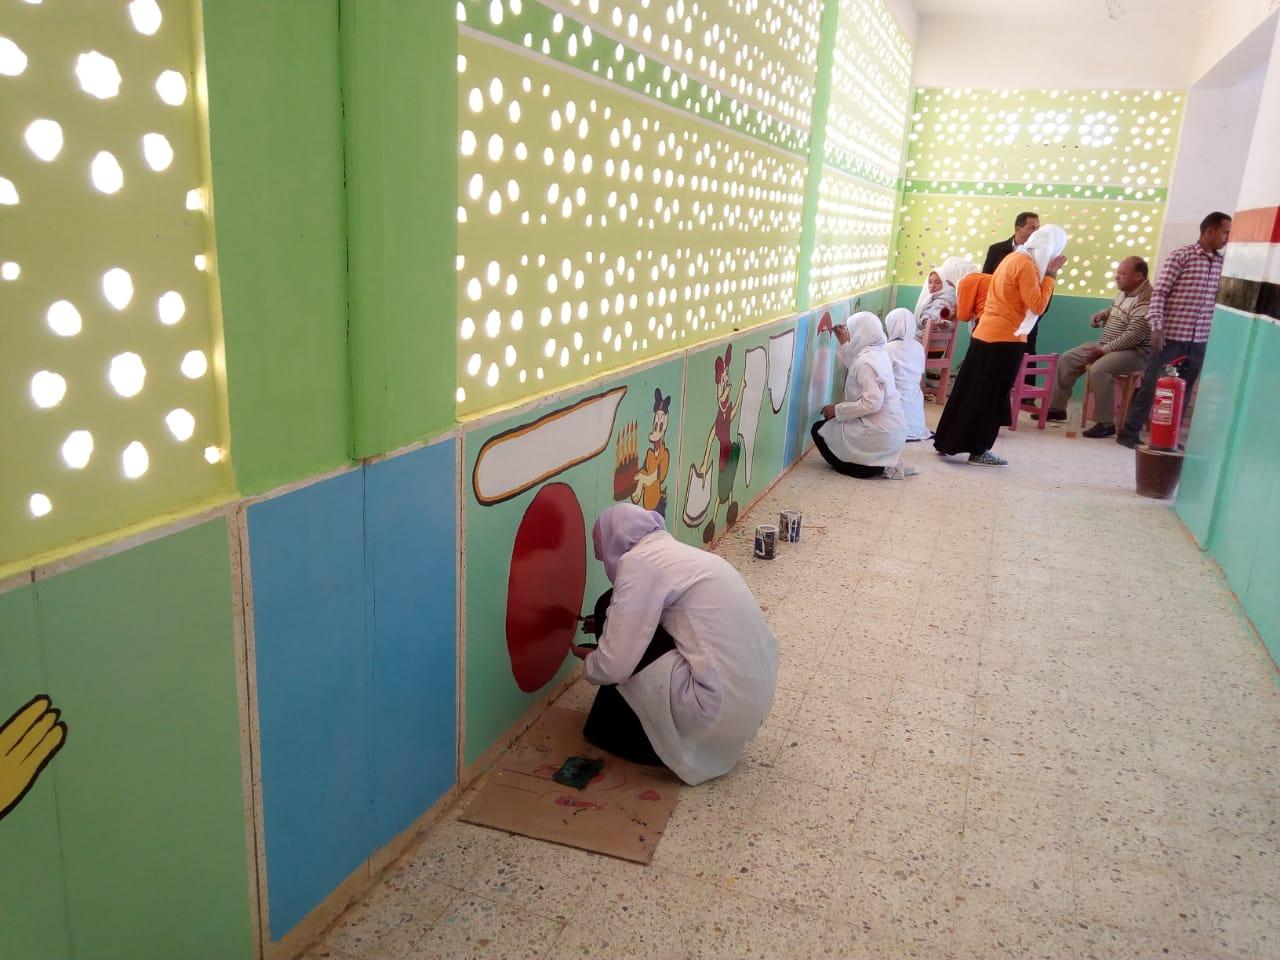 طالبات مدرسة موط الفنية ينفذن مبادرة تجميل أسوار المدارس بلوحات جدارية (8)